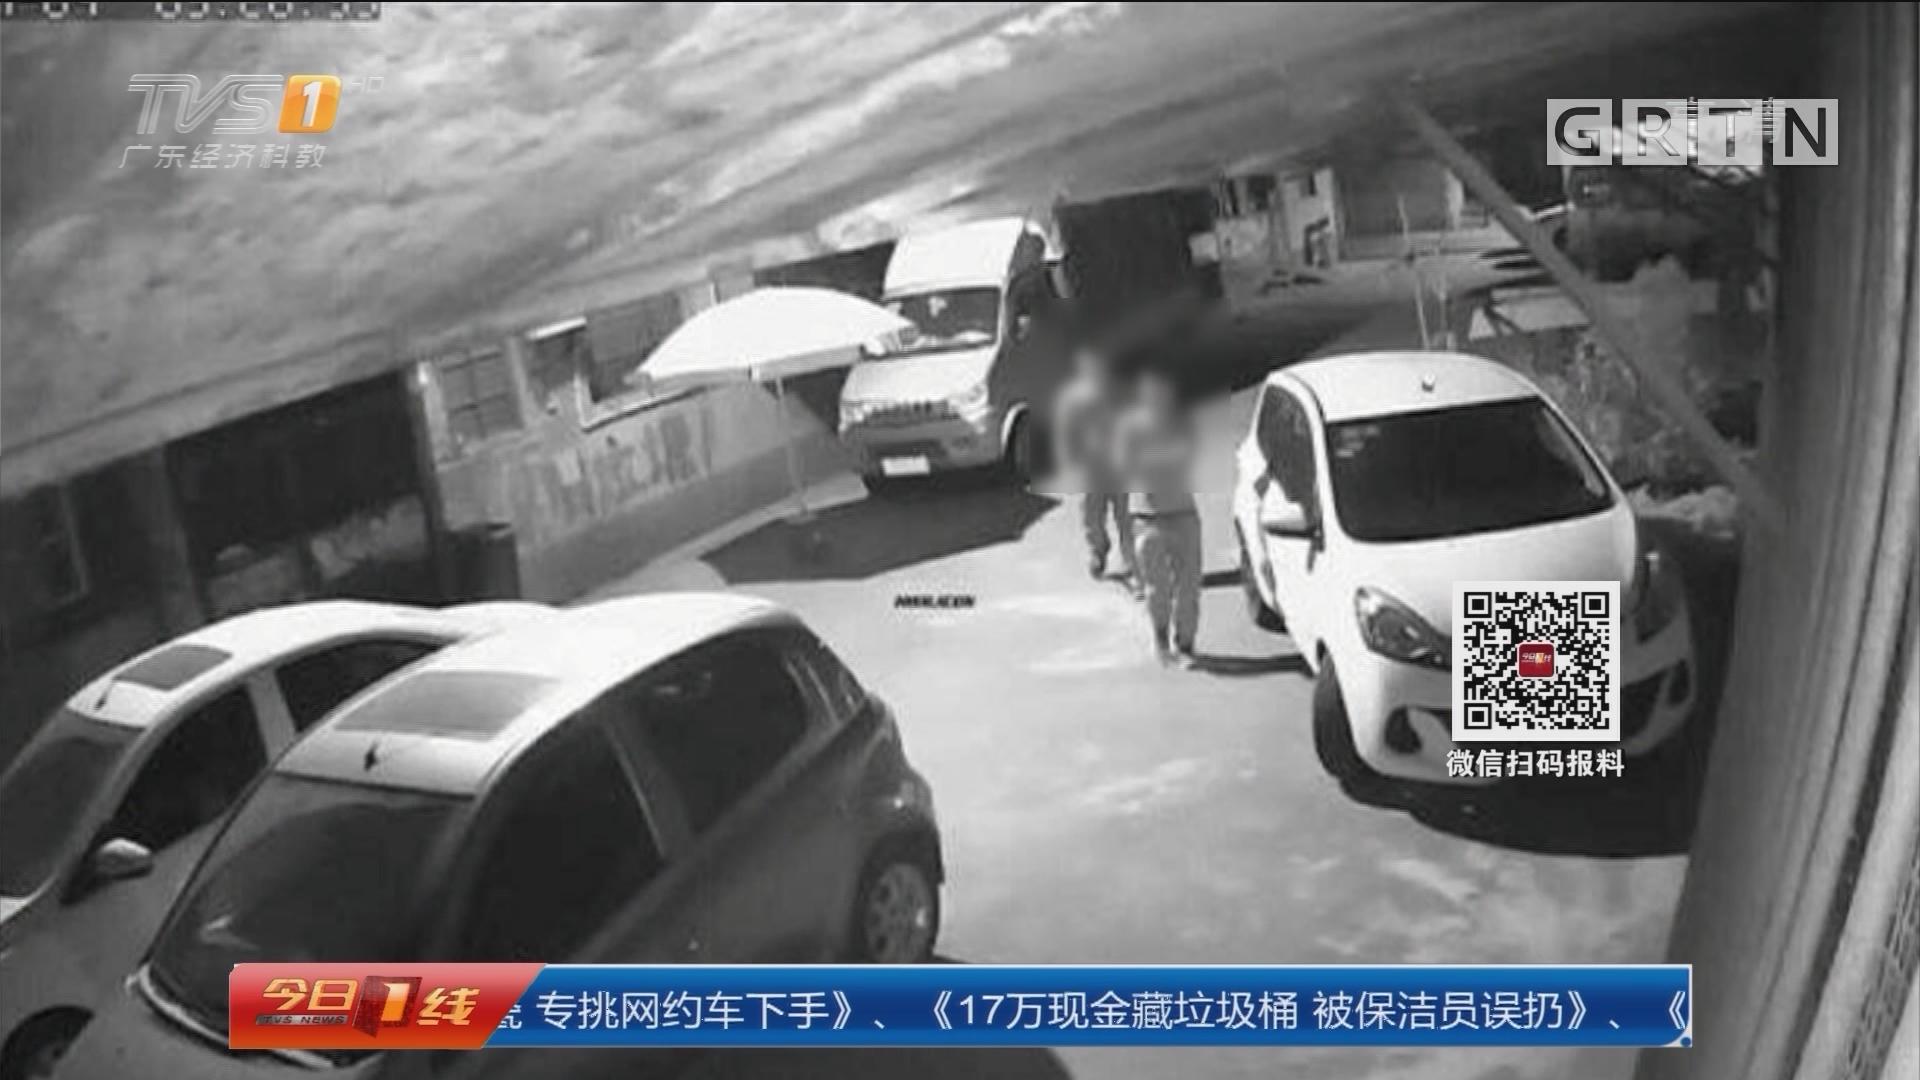 江门鹤山:警方出手 摩托盗窃团伙覆灭